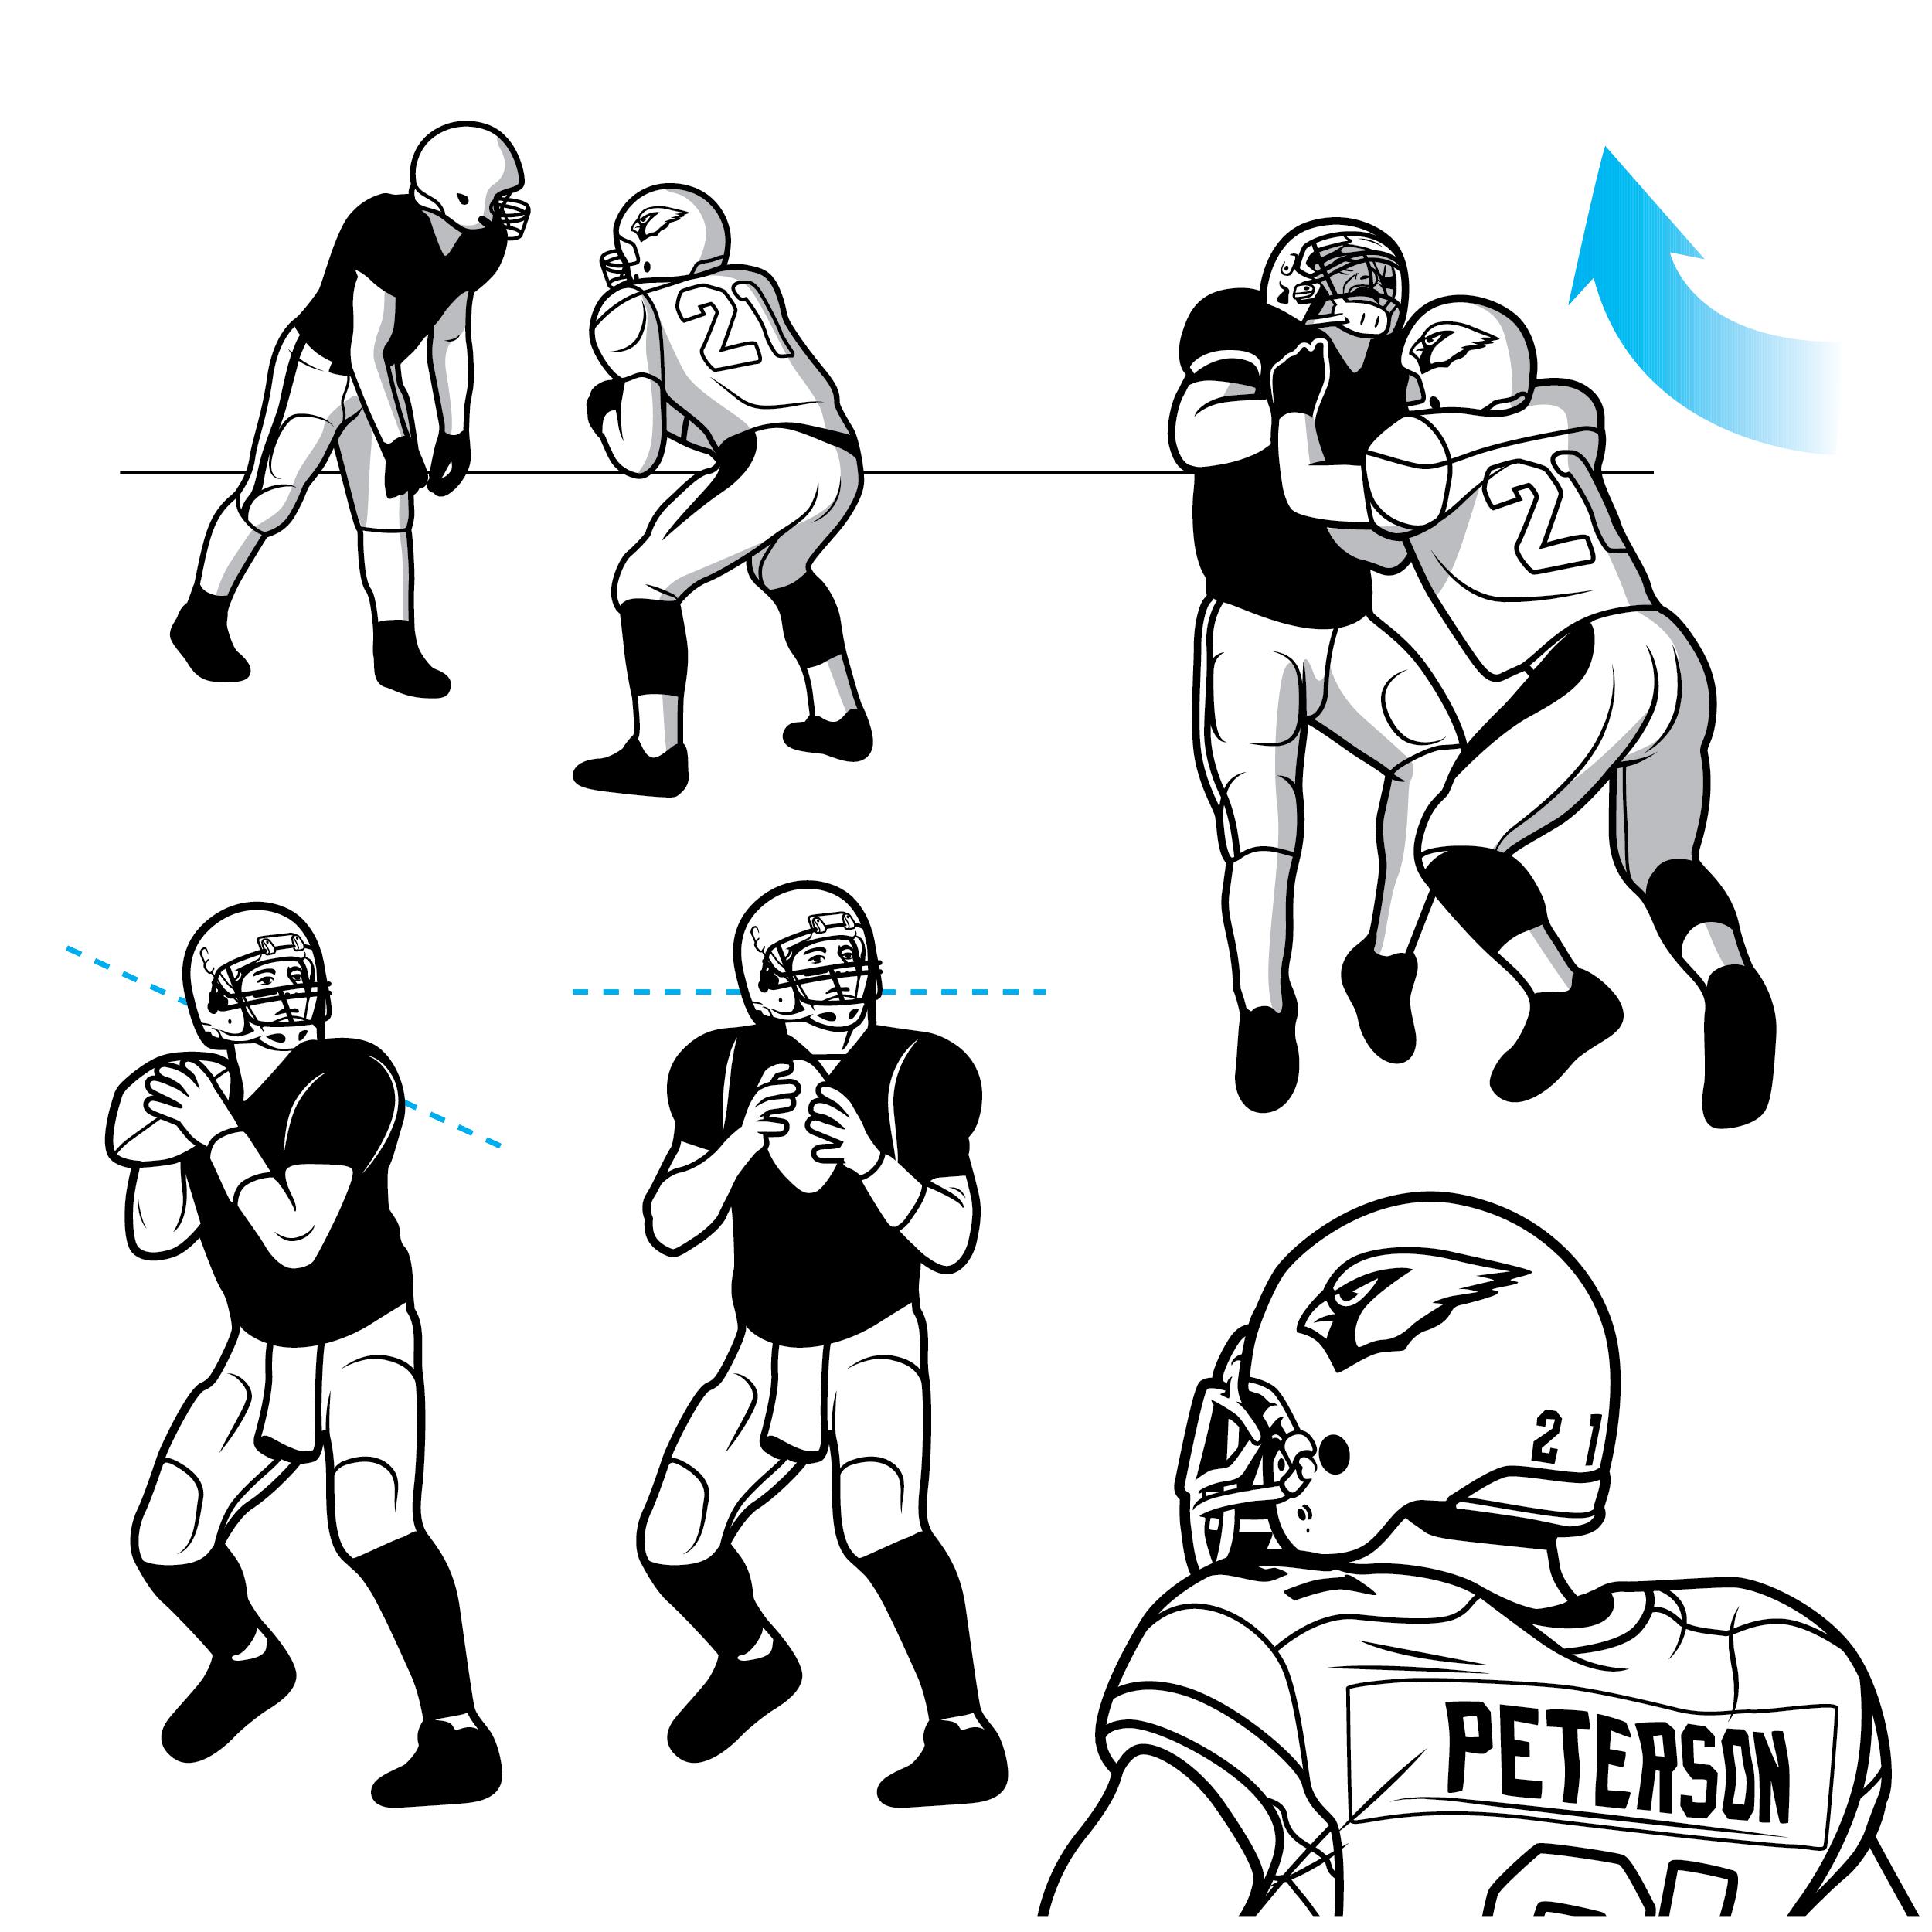 TM_Detwiler_spots_ESPN_peterson-01.png